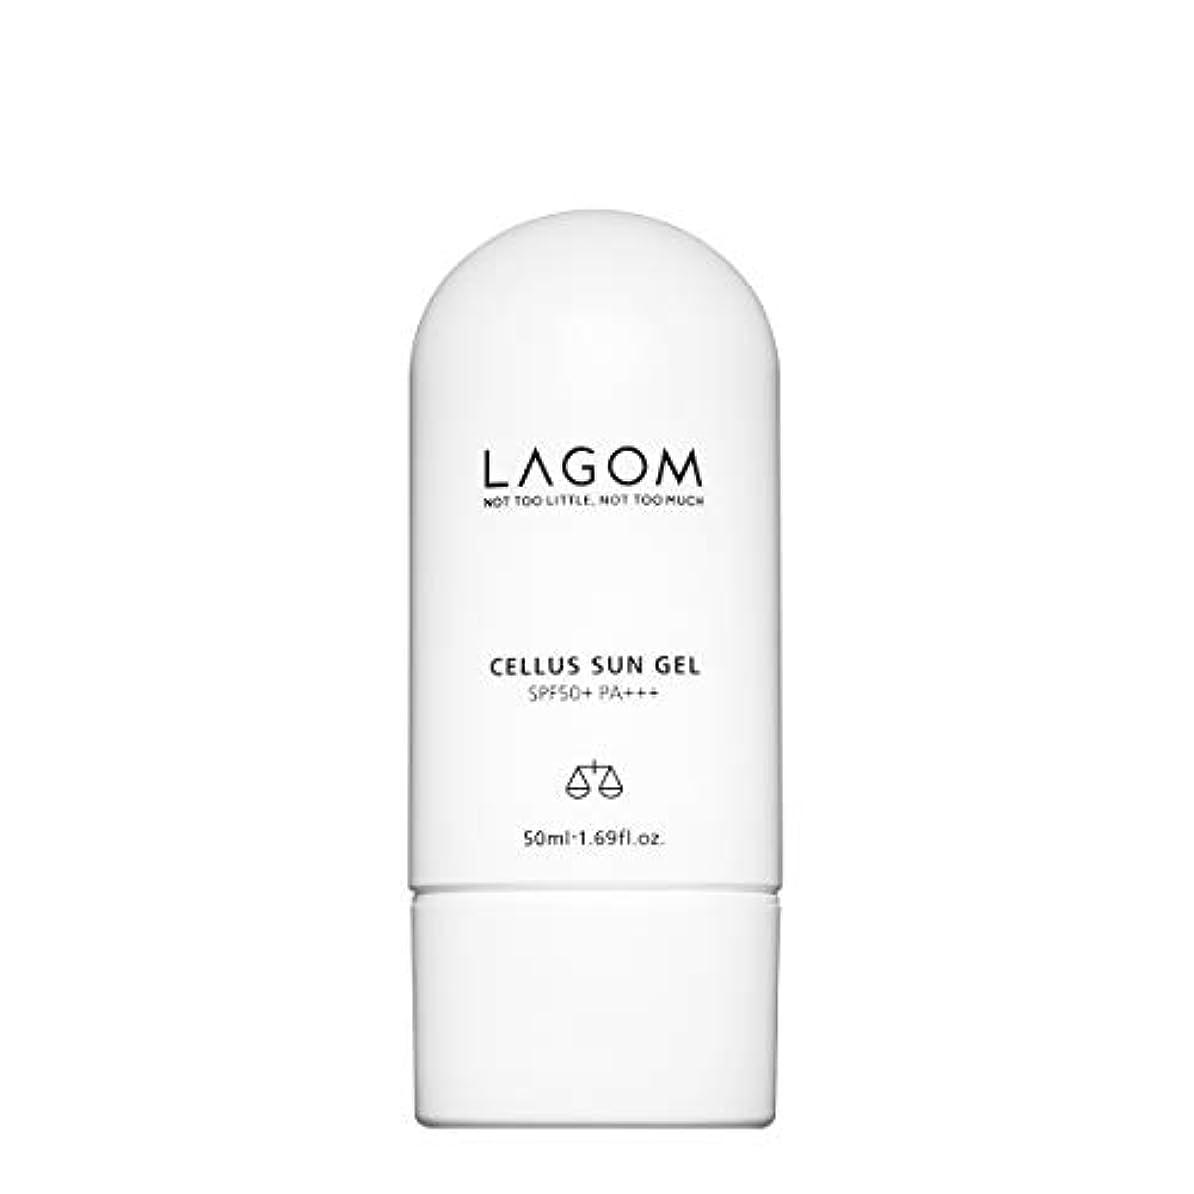 囲い口頭自発LAGOM(ラゴム) ラゴム サンジェル 50ml (日焼け止め乳液) SPF50+/PA+++ 日本正規品